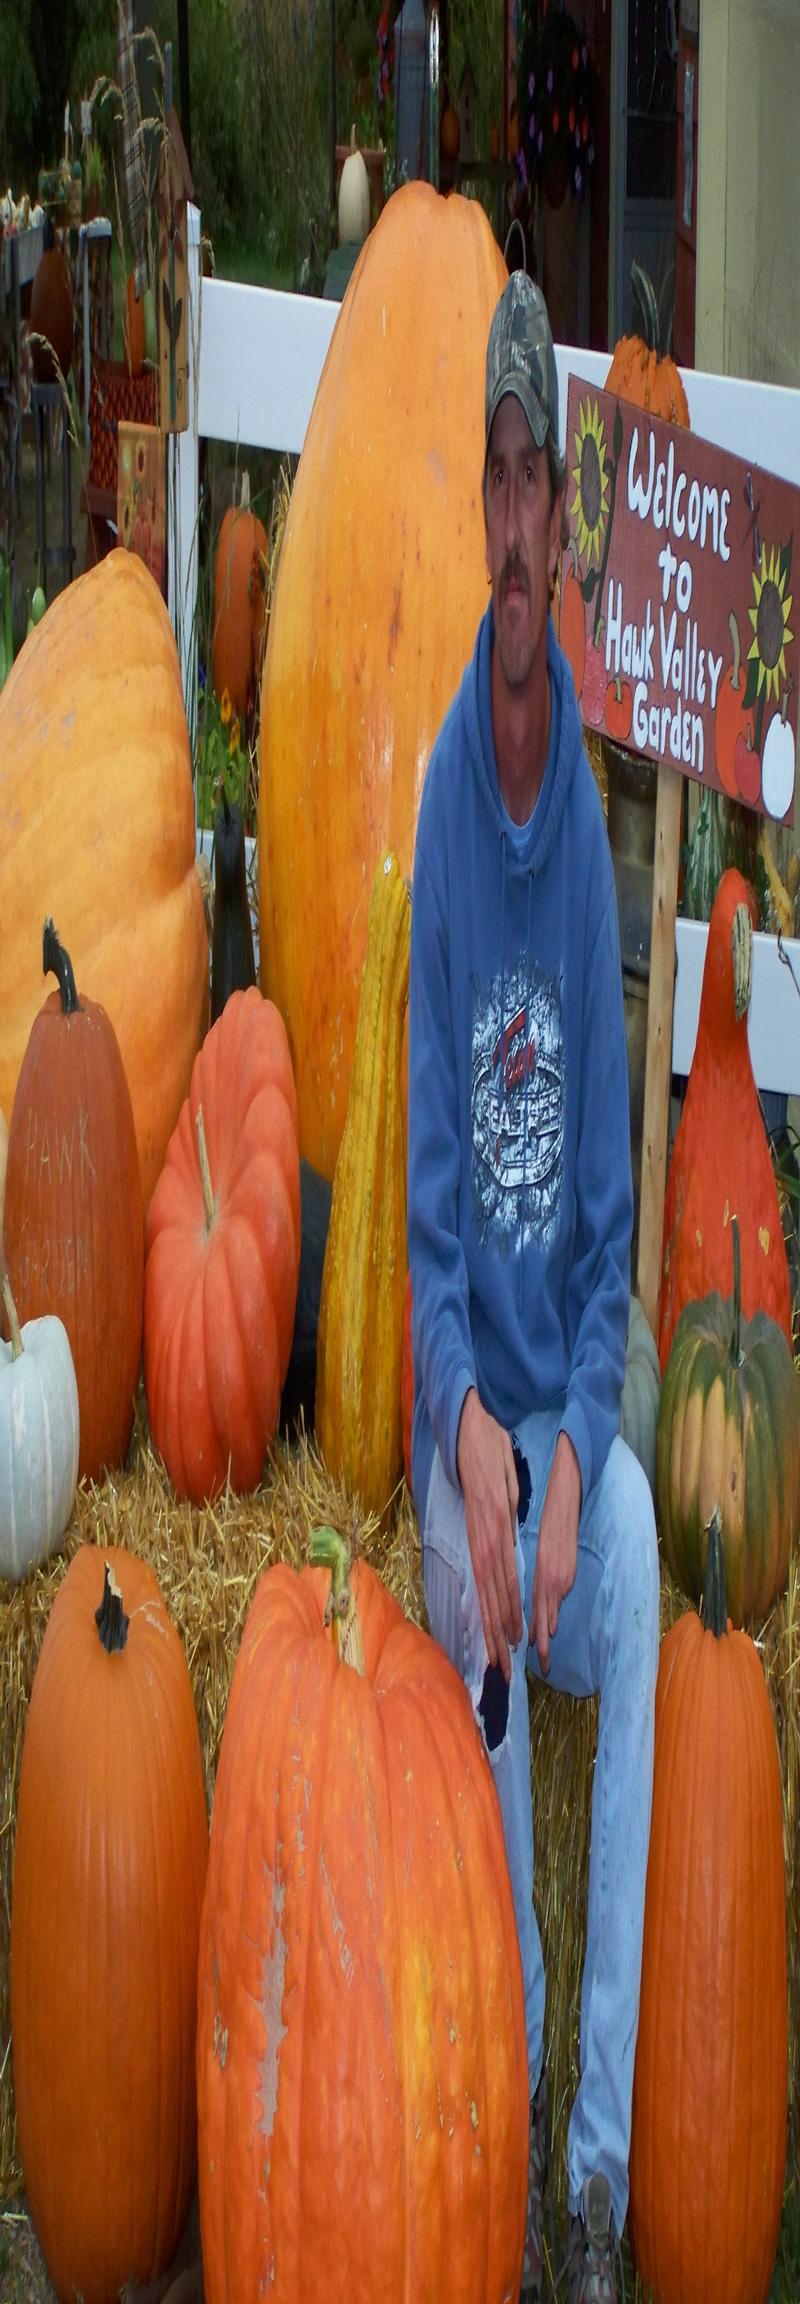 halloween attractions.com